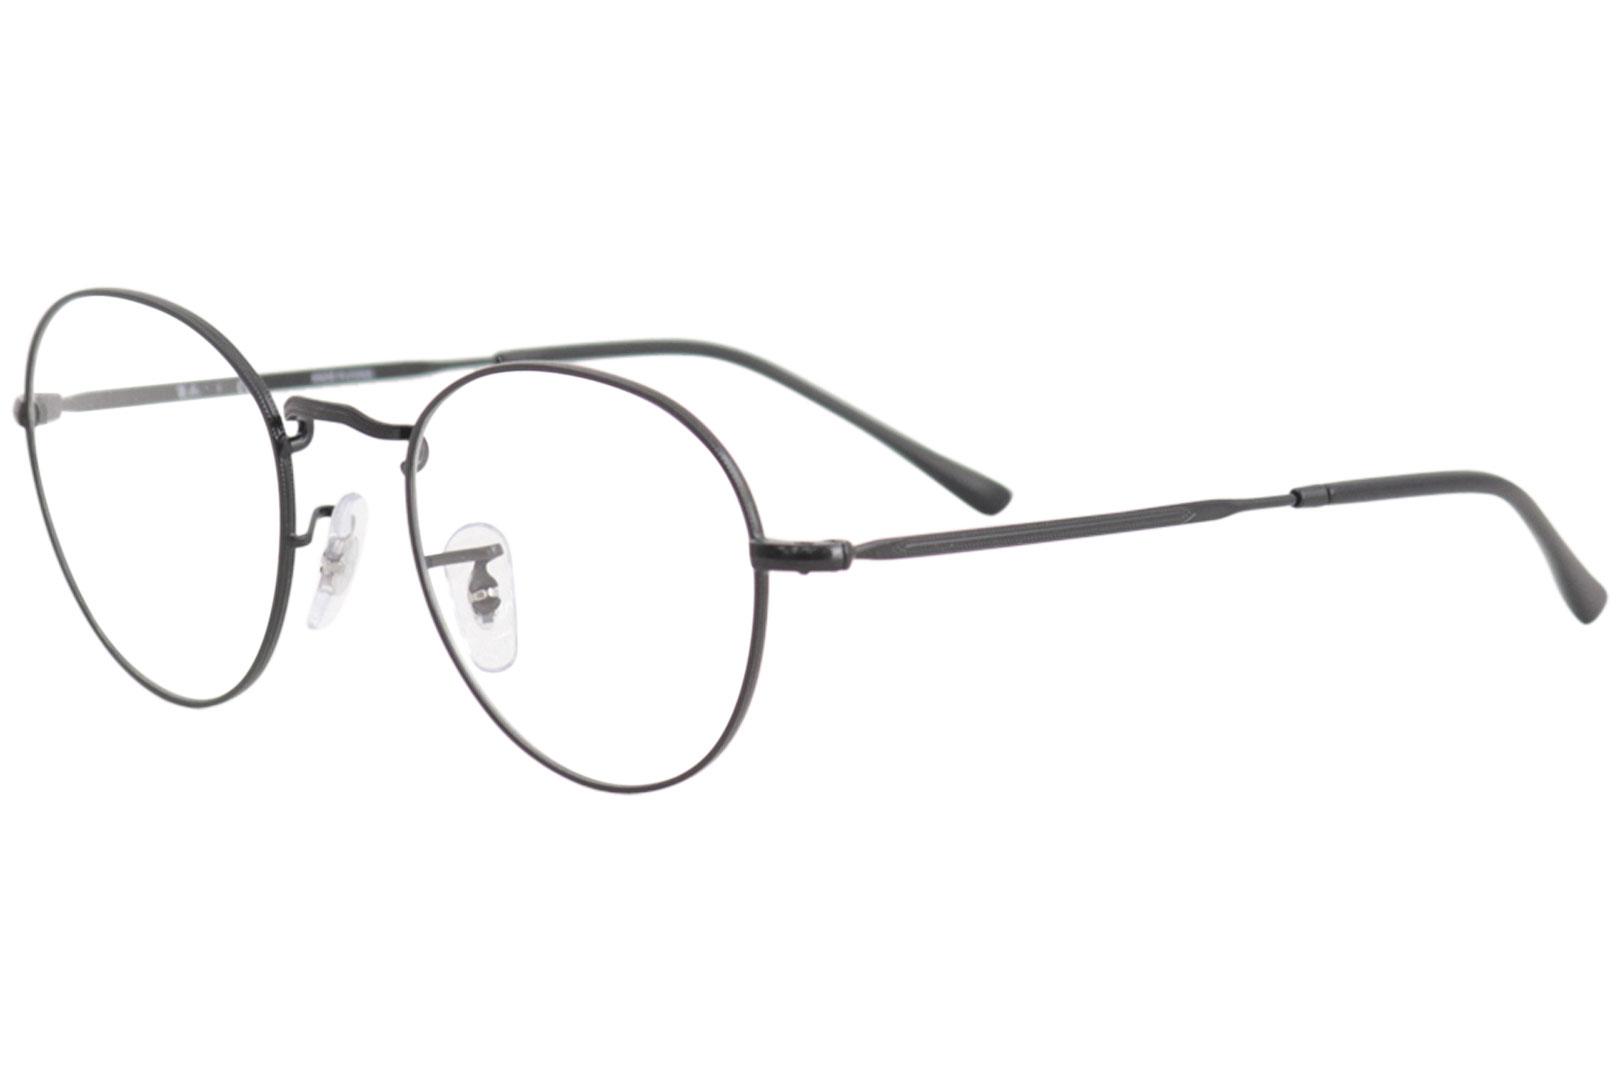 12f73ed1ea Ray Ban Eyeglasses RB3582V RX 3582 V 2760 Black RayBan Optical Frame ...